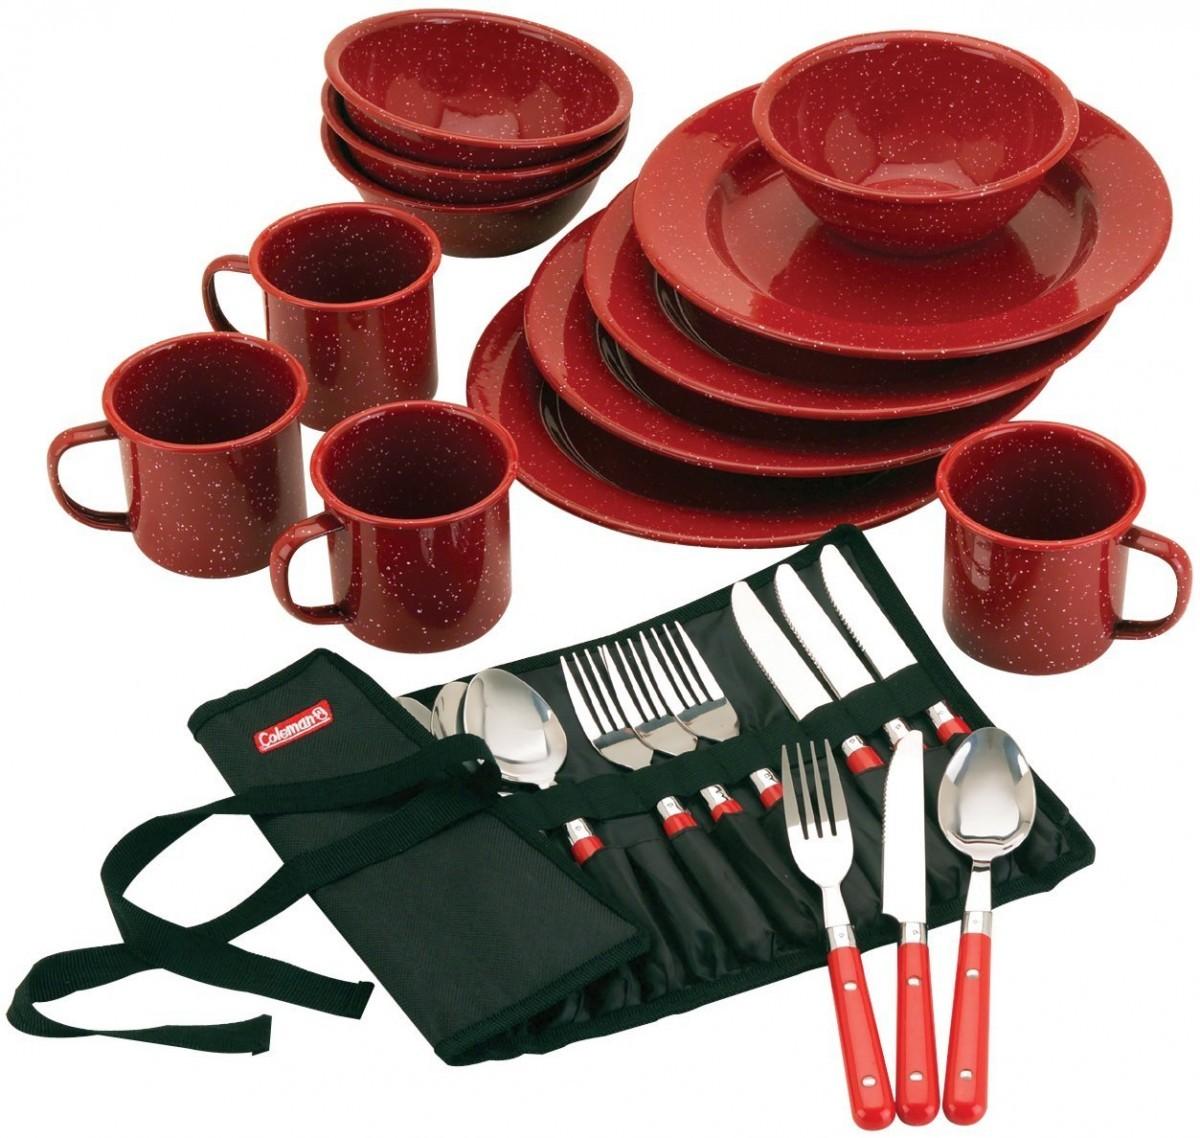 キャンプ用食器セット コールマン 24ピース エナメル テーブルウェアセット